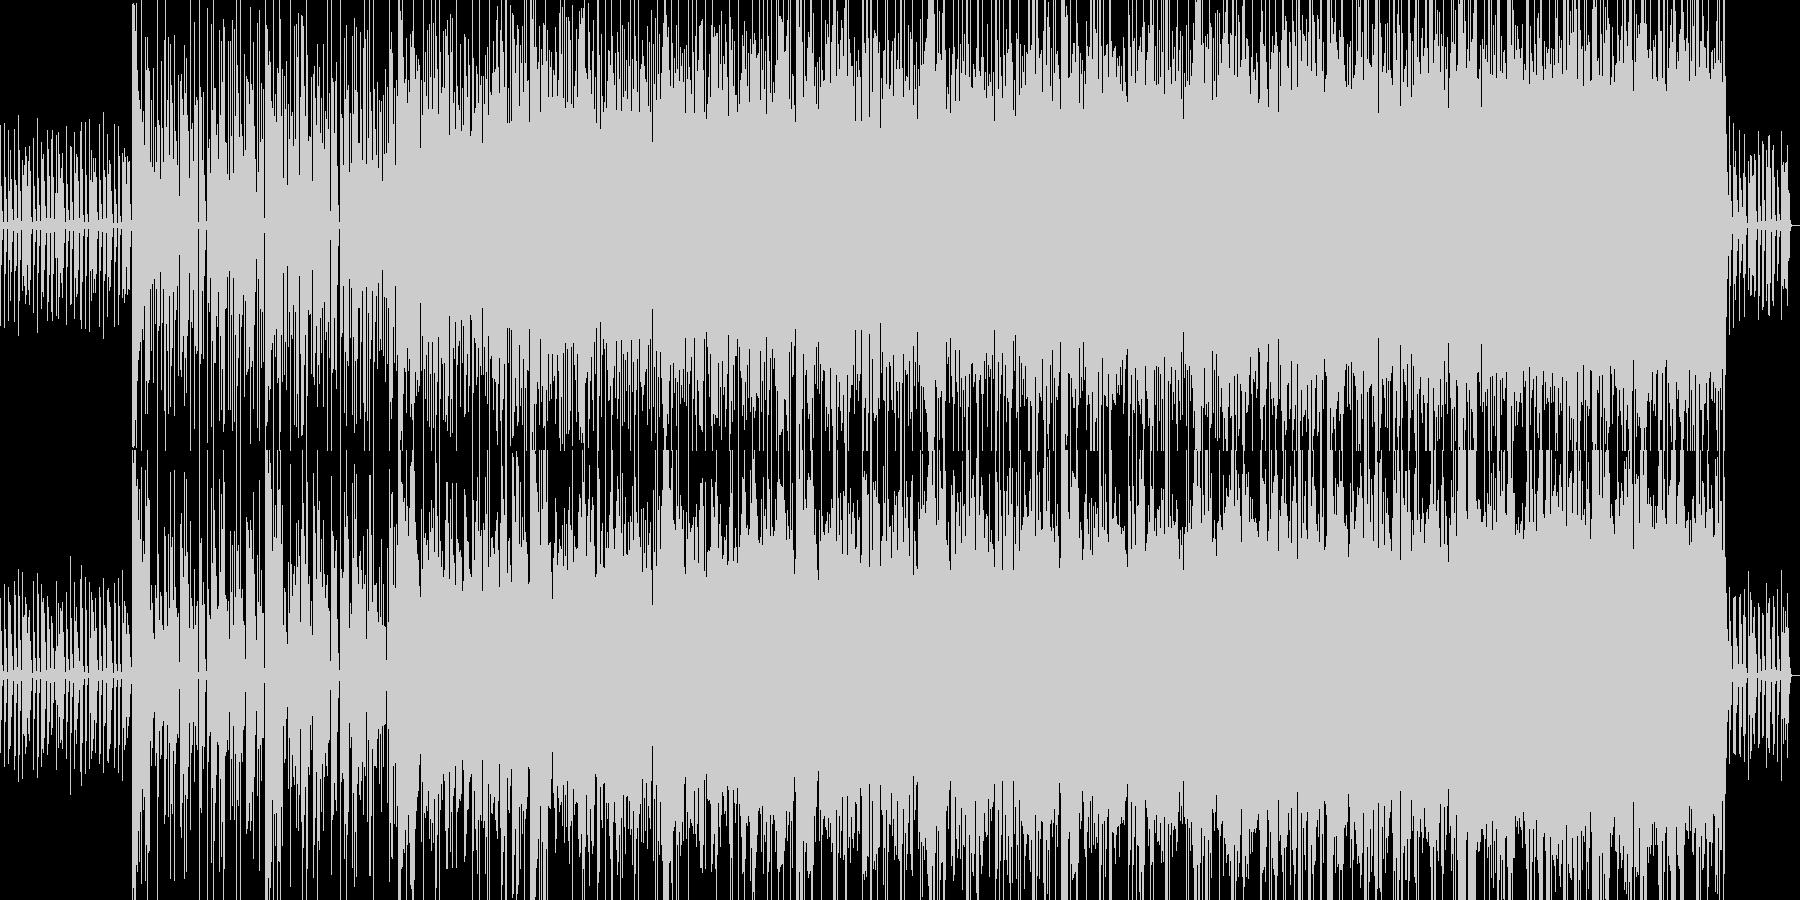 ゲームで使える不思議なBGMの未再生の波形